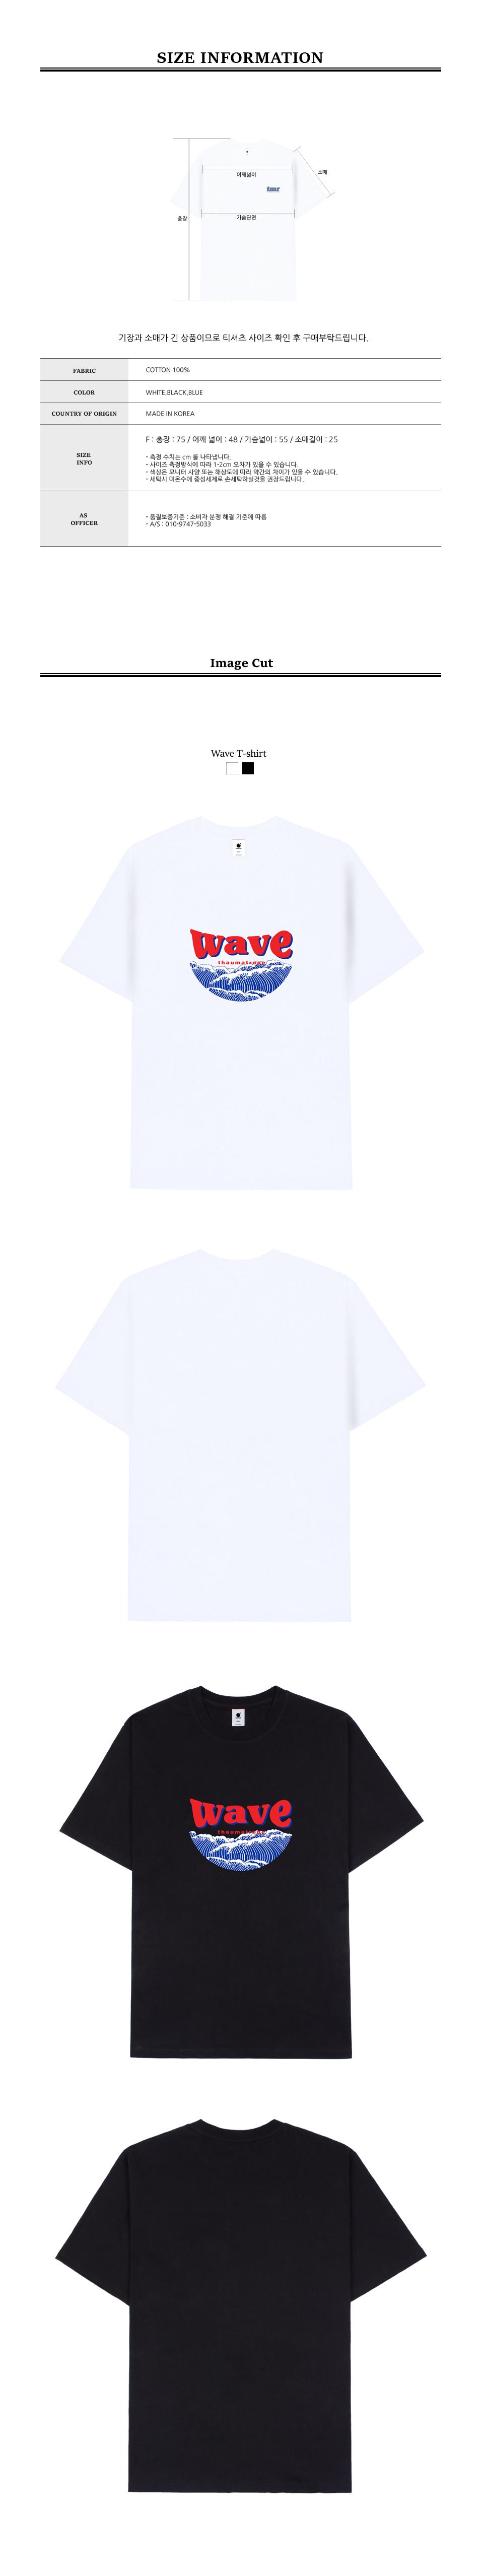 레이아웃-제작중-(18ss)-분할저장4번3.jpg